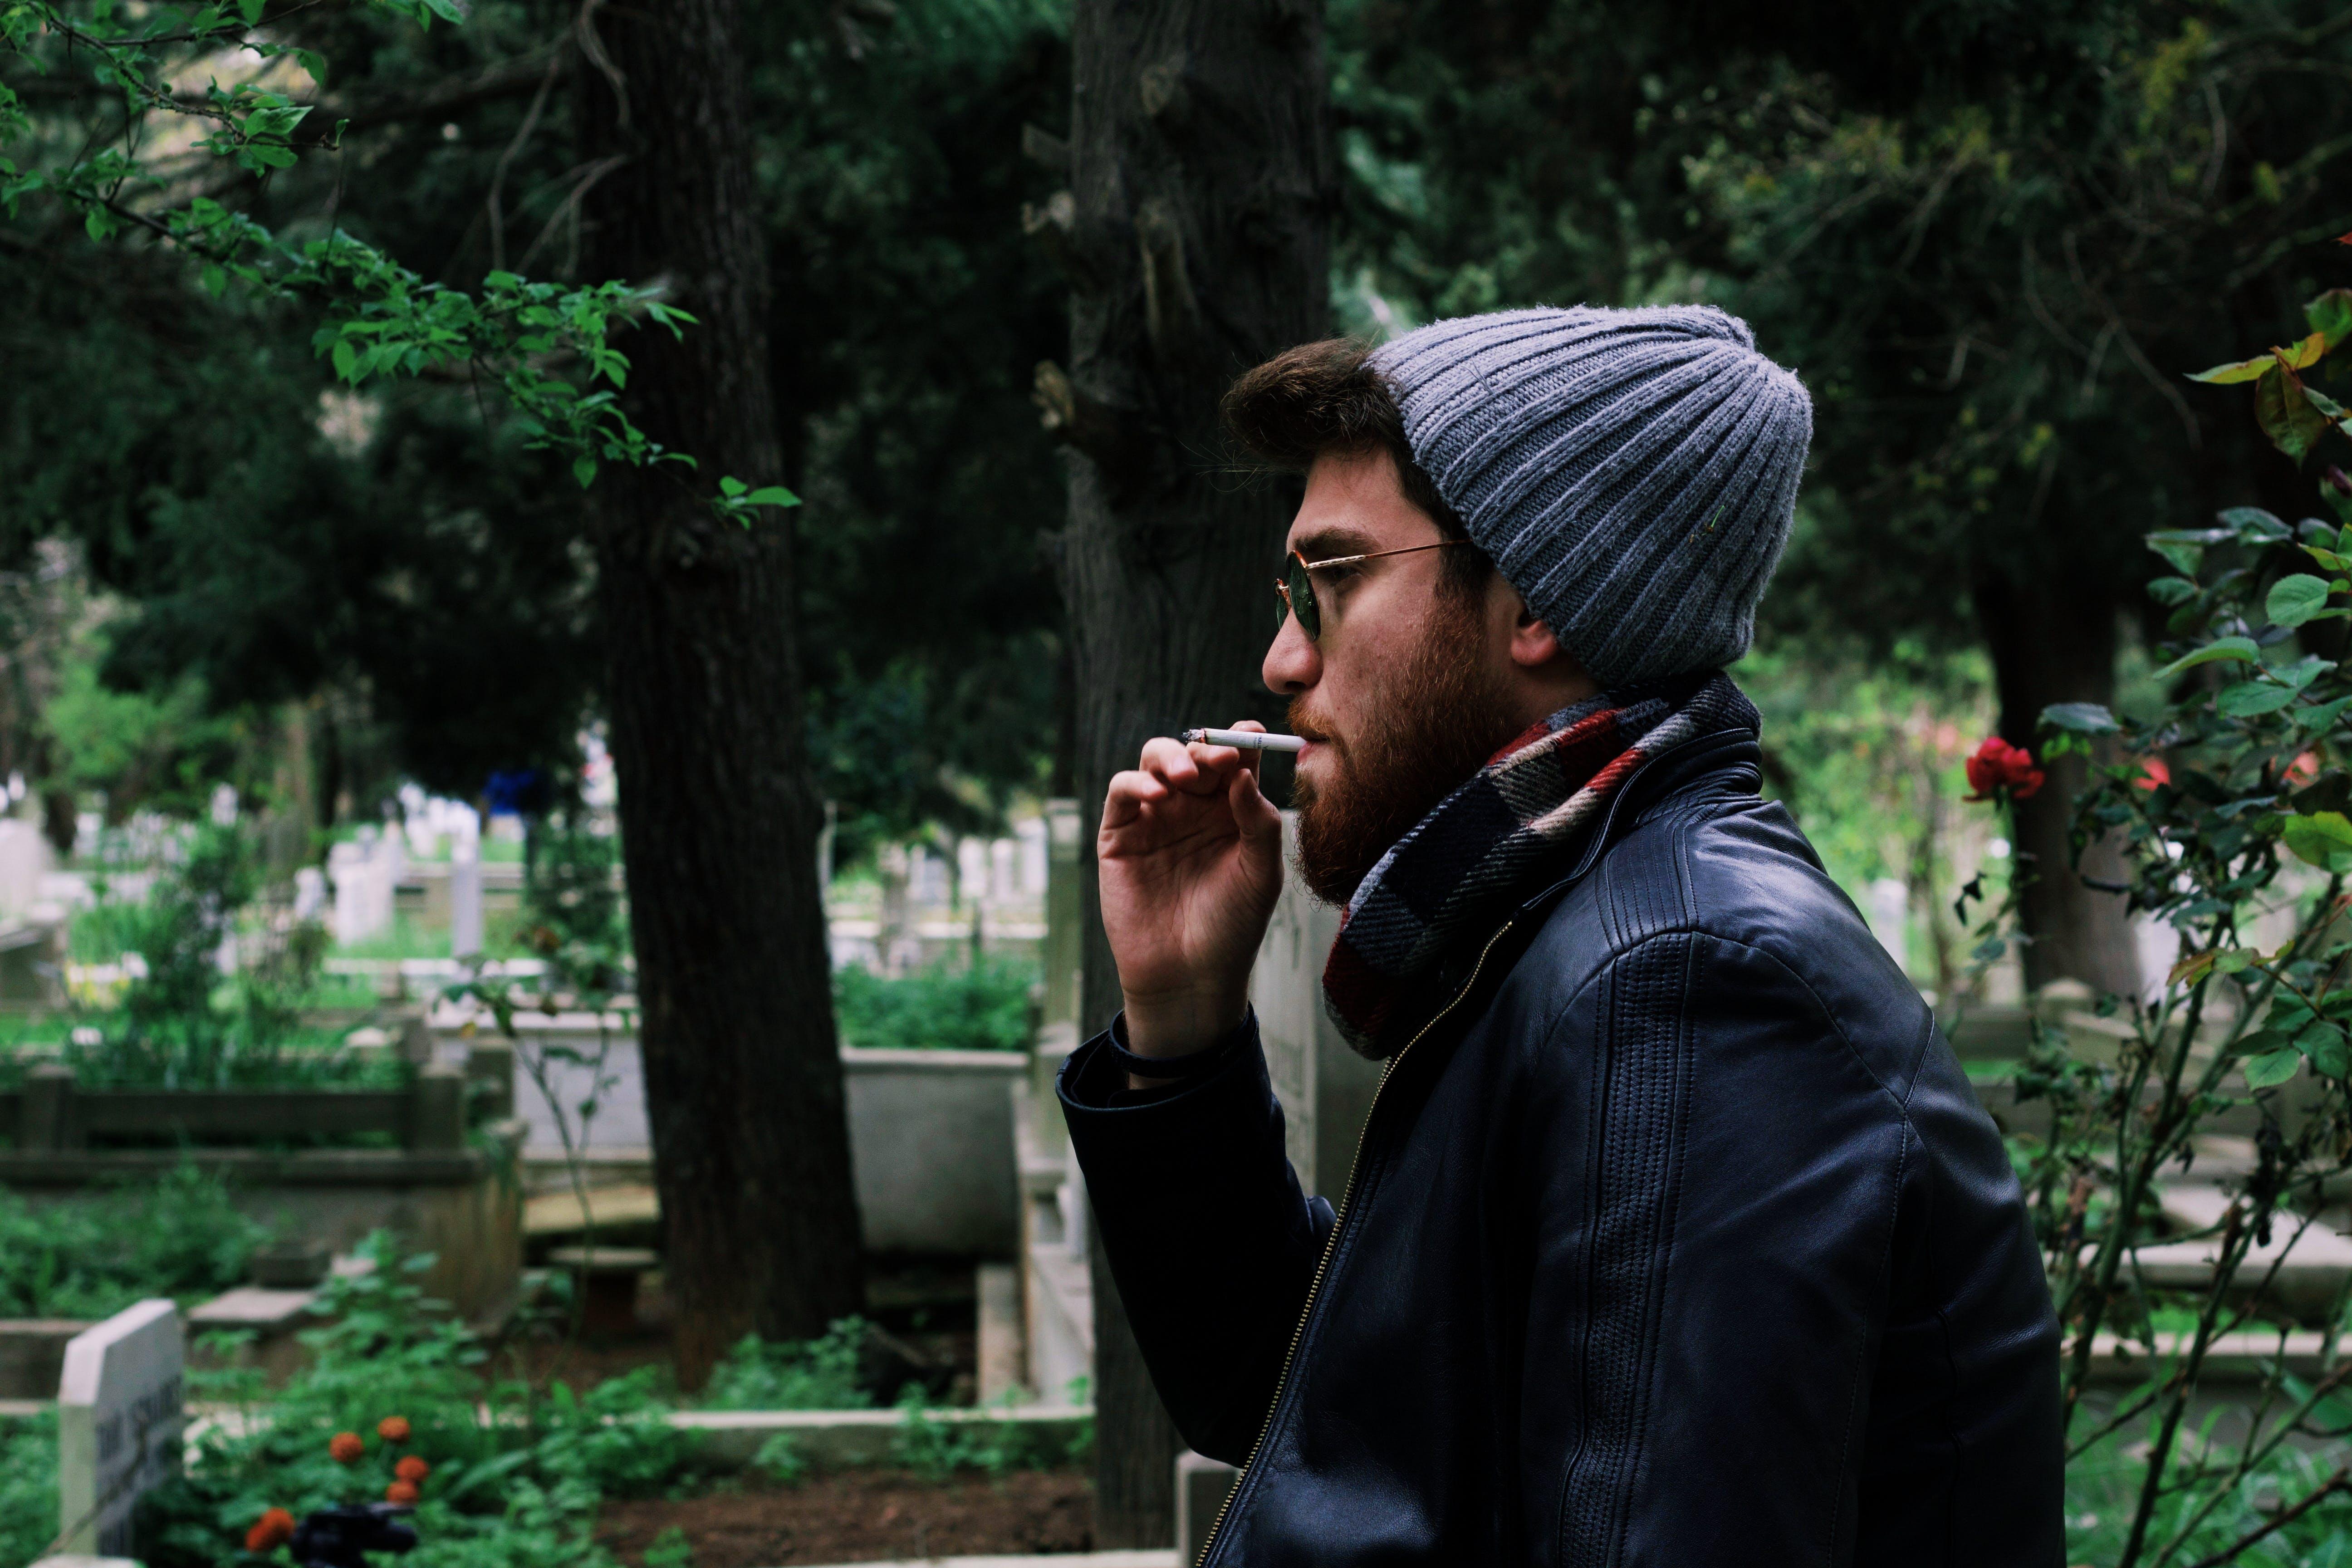 casual, cigarette, fag